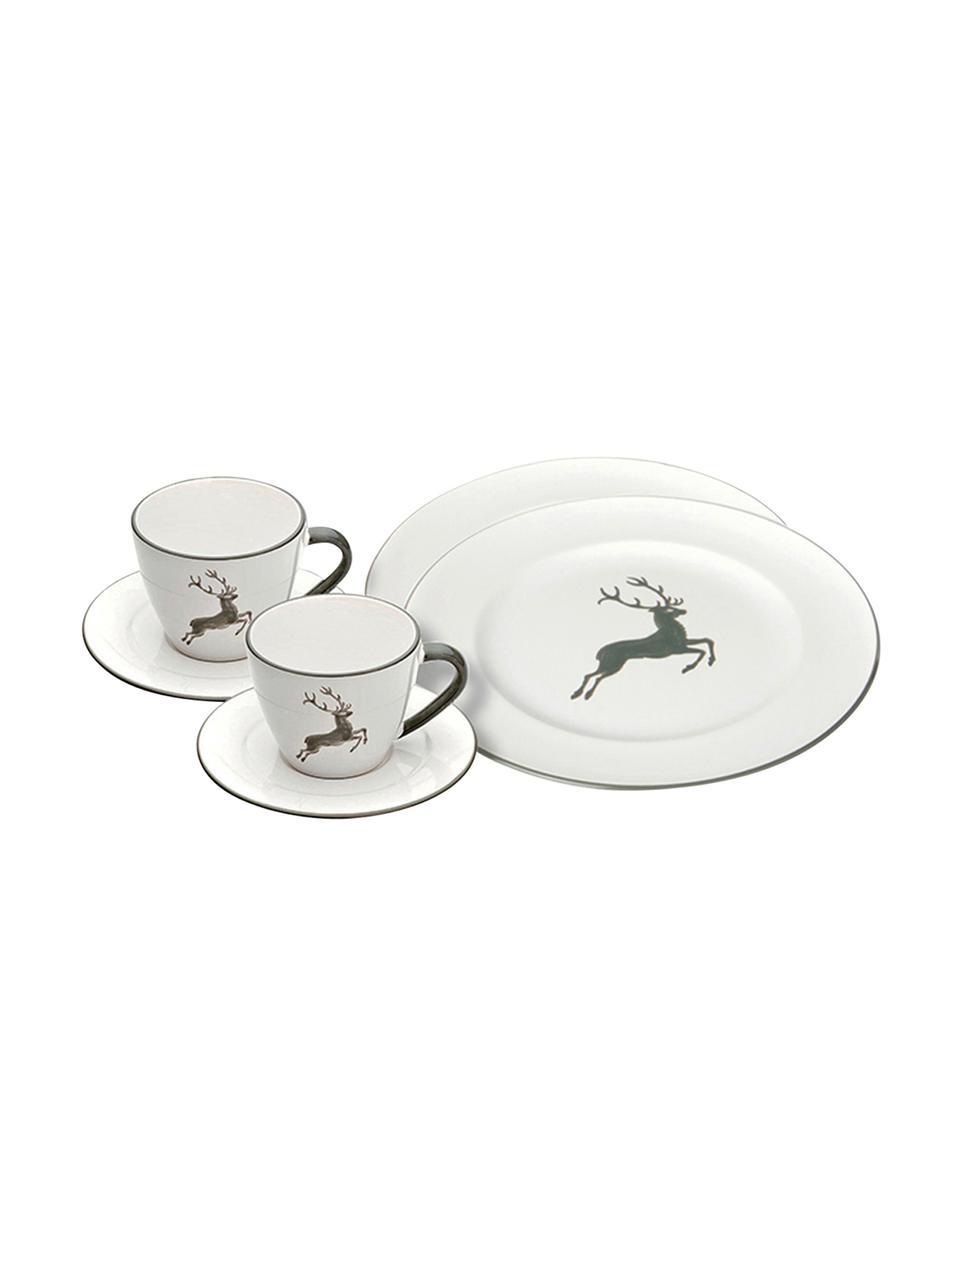 Handbemaltes Kaffeeservice Gourmet Grauer Hirsch, 2 Personen (6-tlg.), Keramik, Grau,Weiß, verschiedene Größen